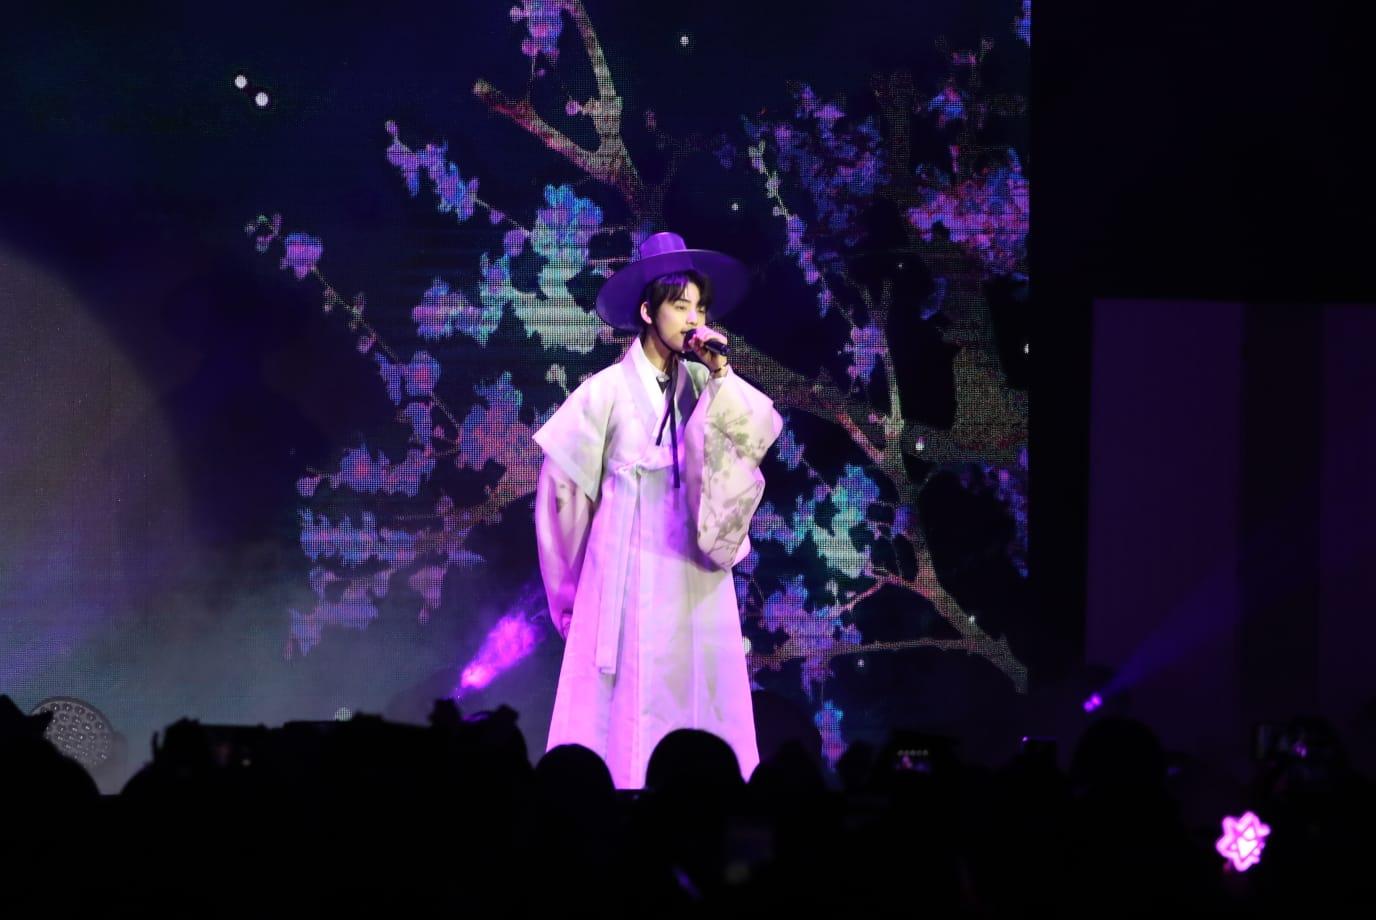 車銀優以新劇《新入史官丘海昤》中的傳統韓服造型。